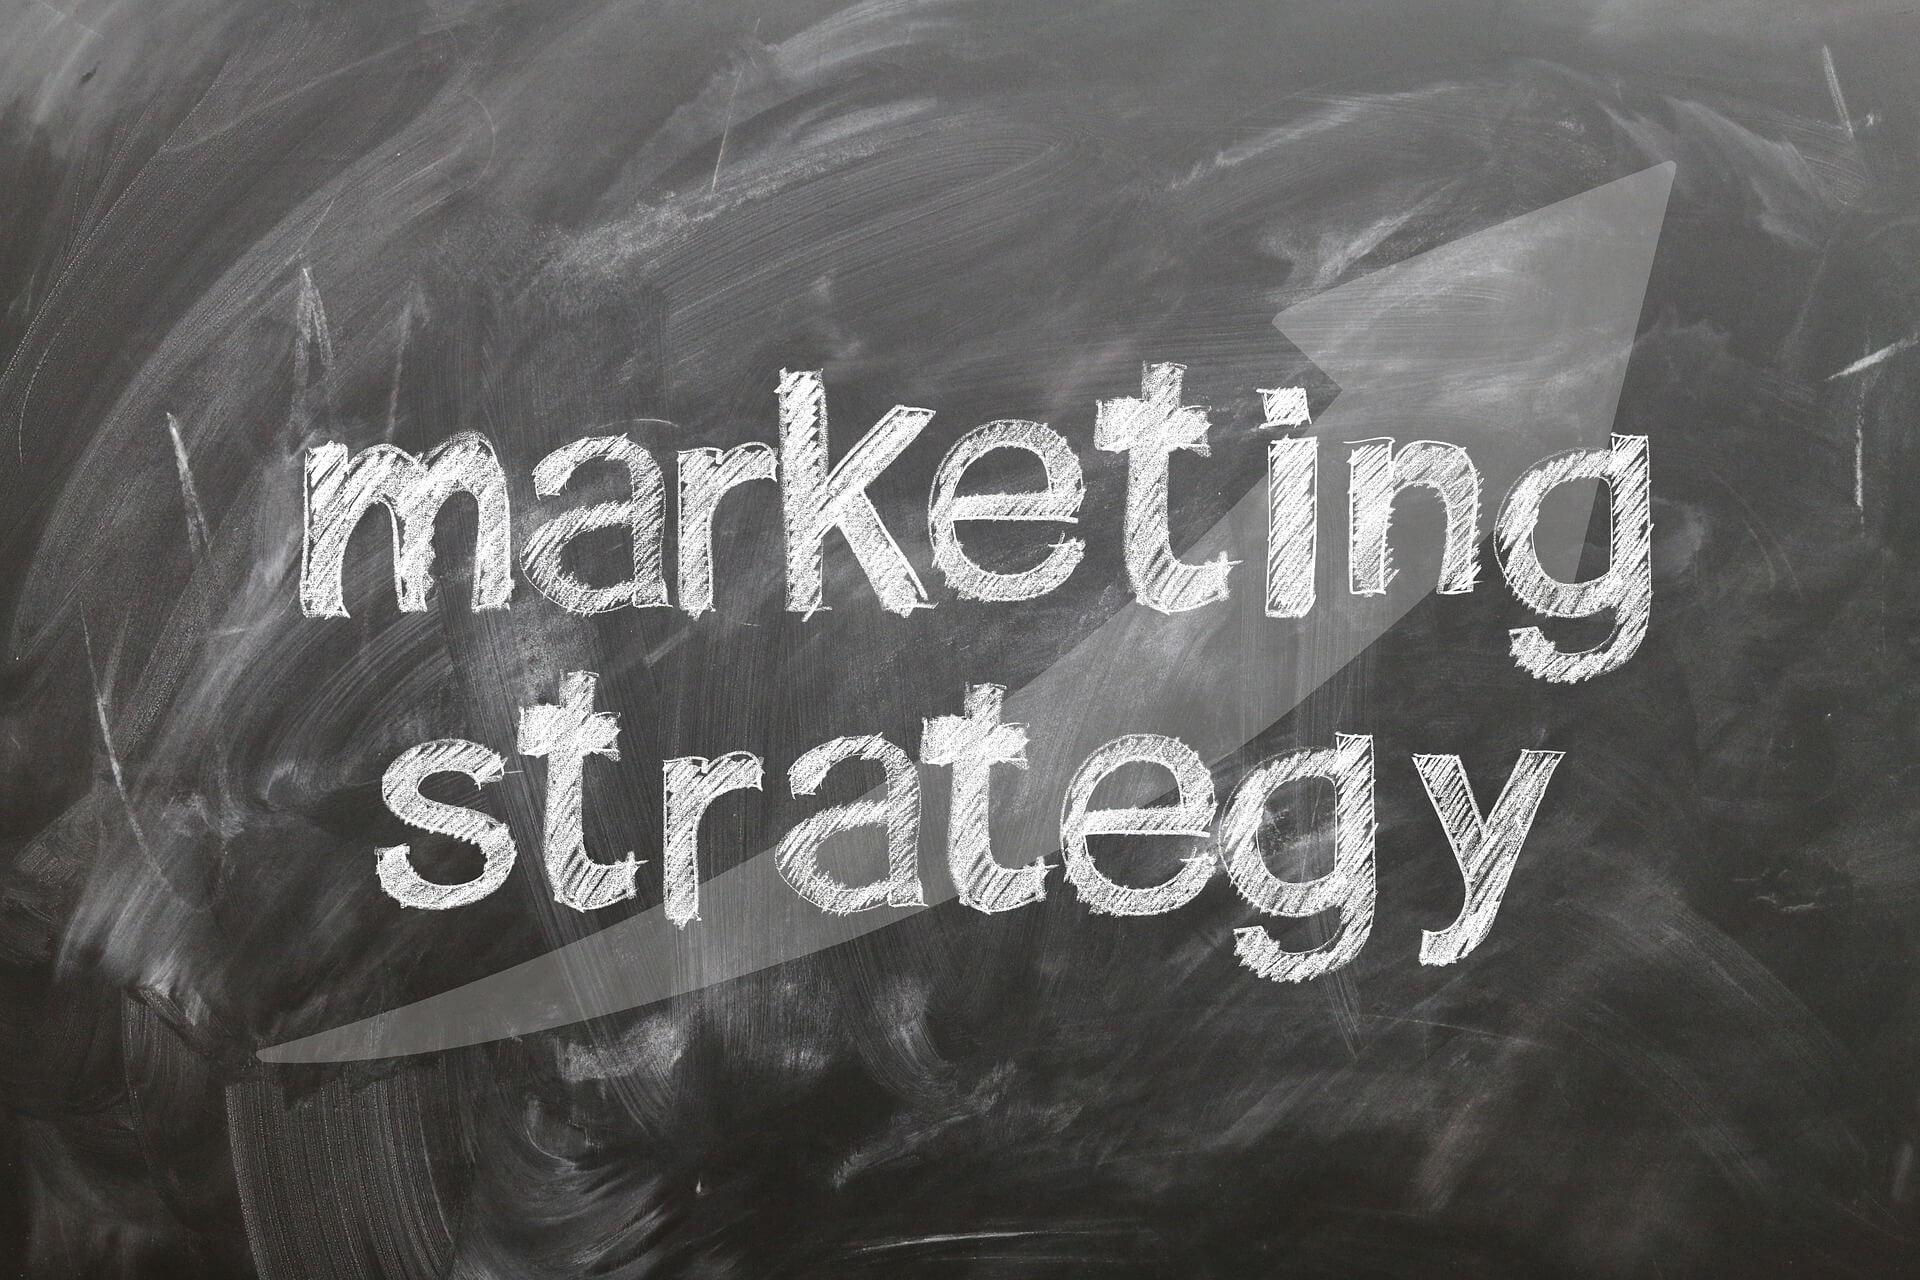 Tener claro cada uno de los puntos de mercadotecnia, hará que nuestro negocio despeguese centre mas en nuestro target